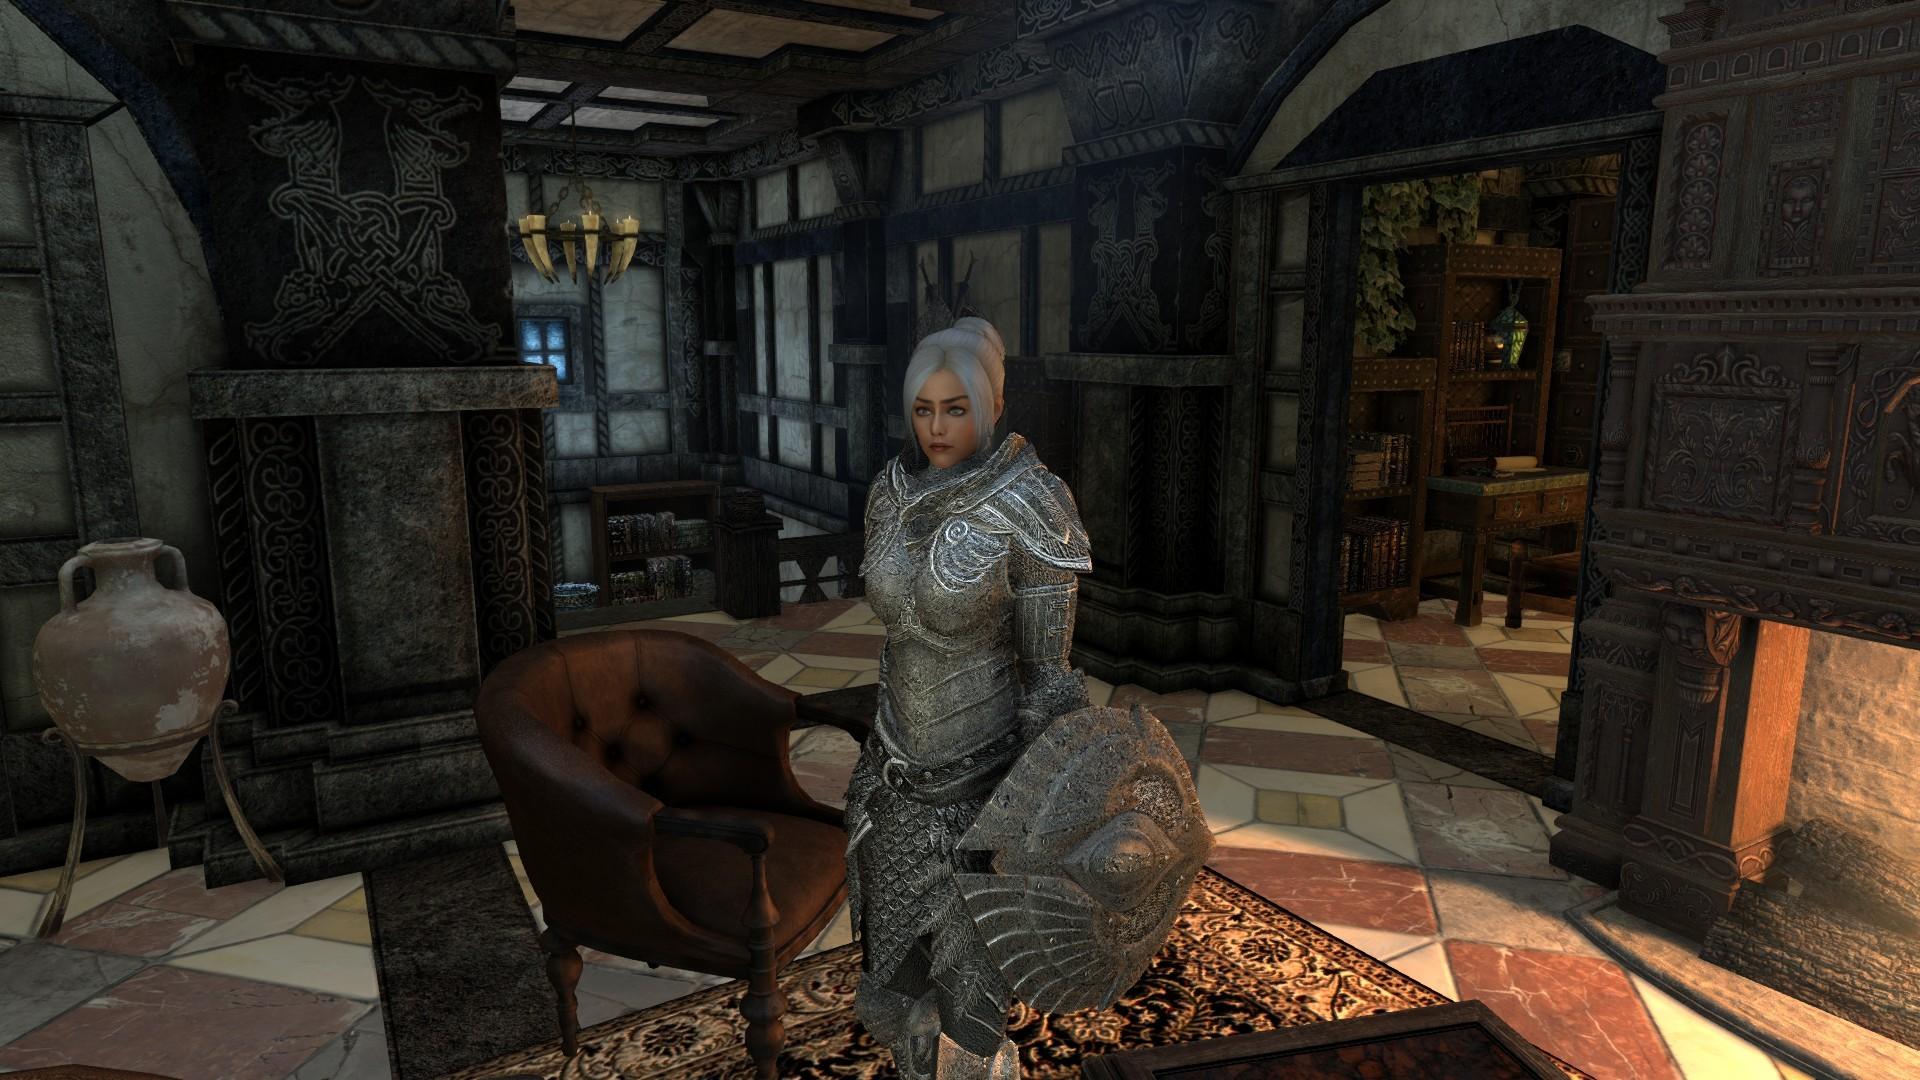 Обновлённый Высокий Шпиль TNF - The Elder Scrolls 5: Skyrim